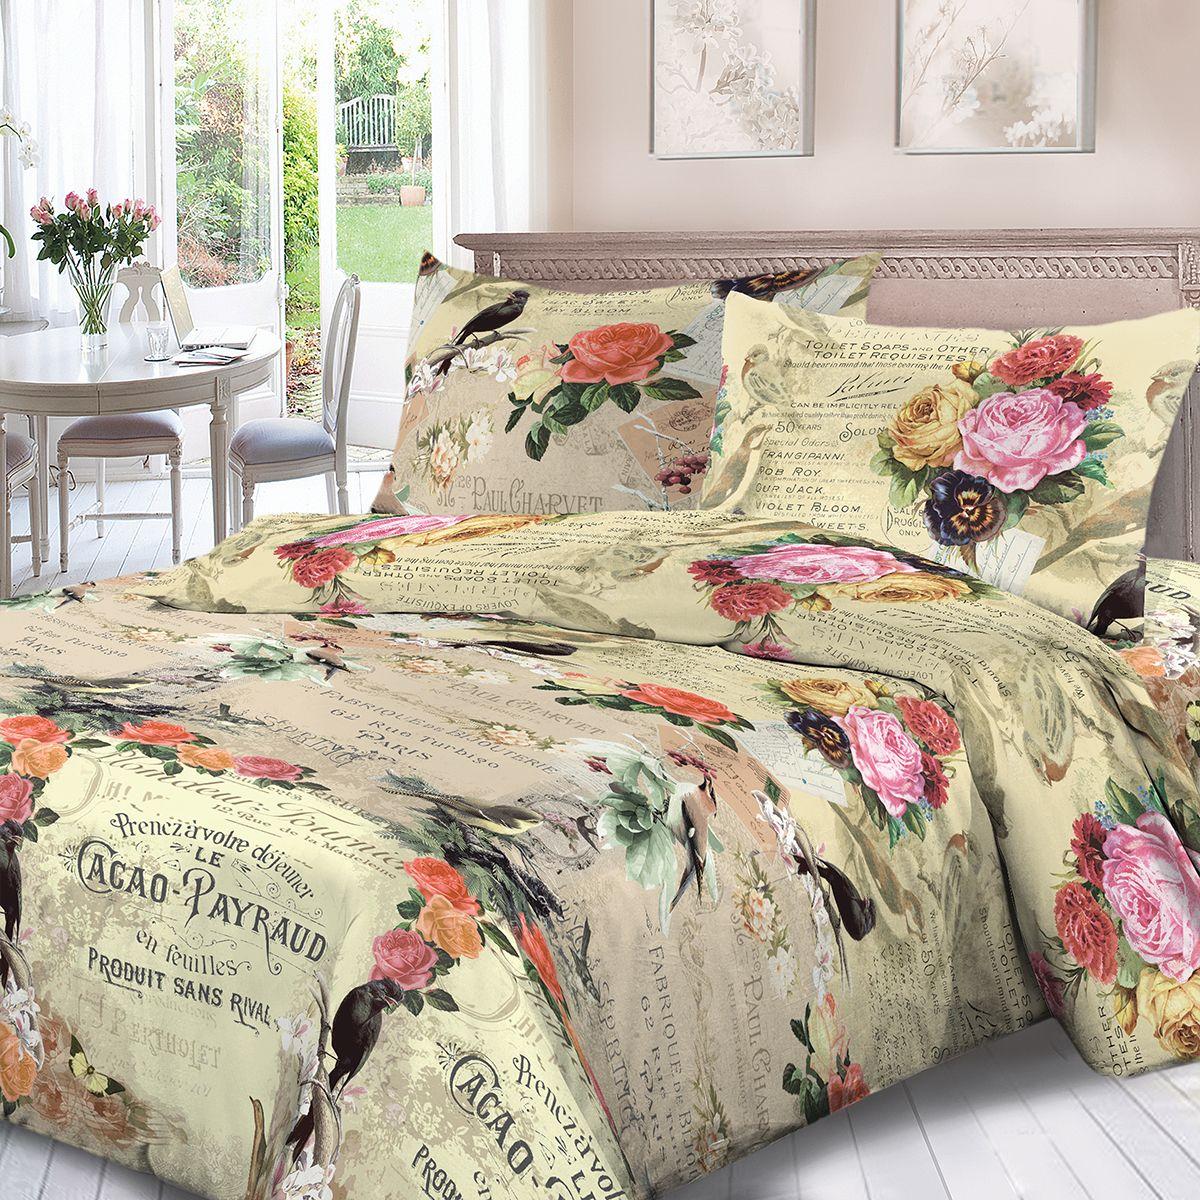 Комплект белья Для Снов Монмартр, евро, наволочки 70x70, цвет: бежевый. 3815-181998